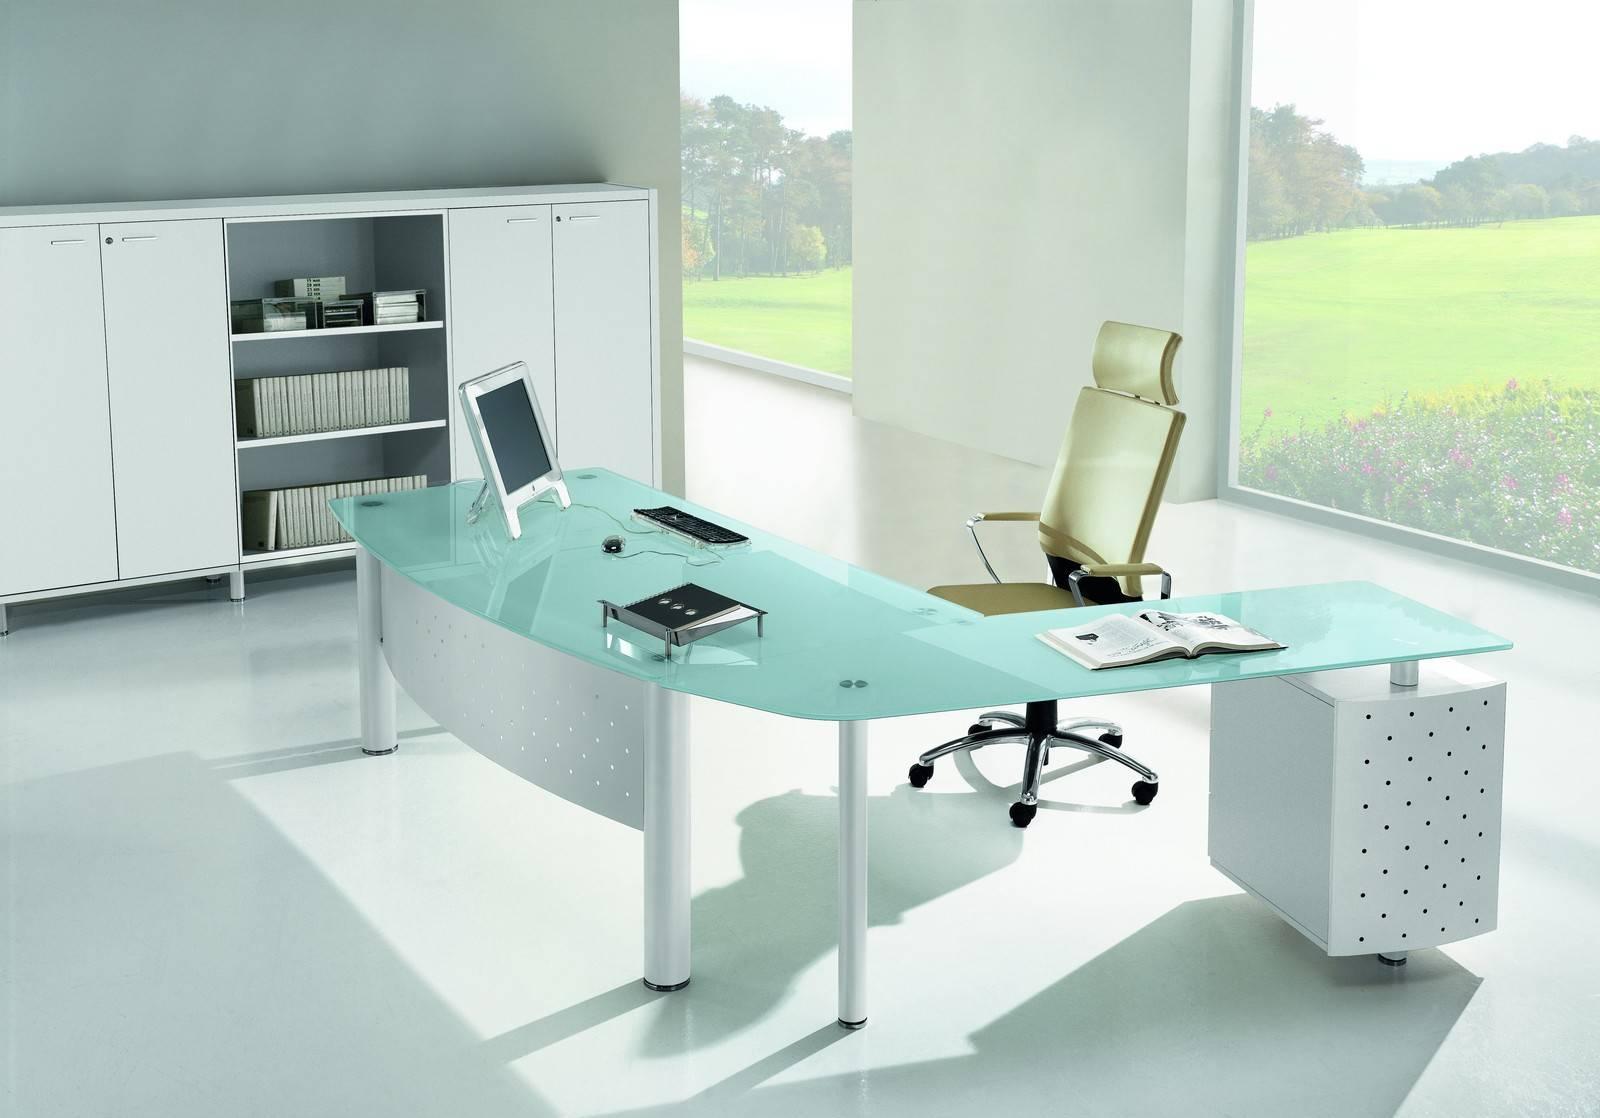 Дизайн интерьера кабинета руководителя со стеклянным столом